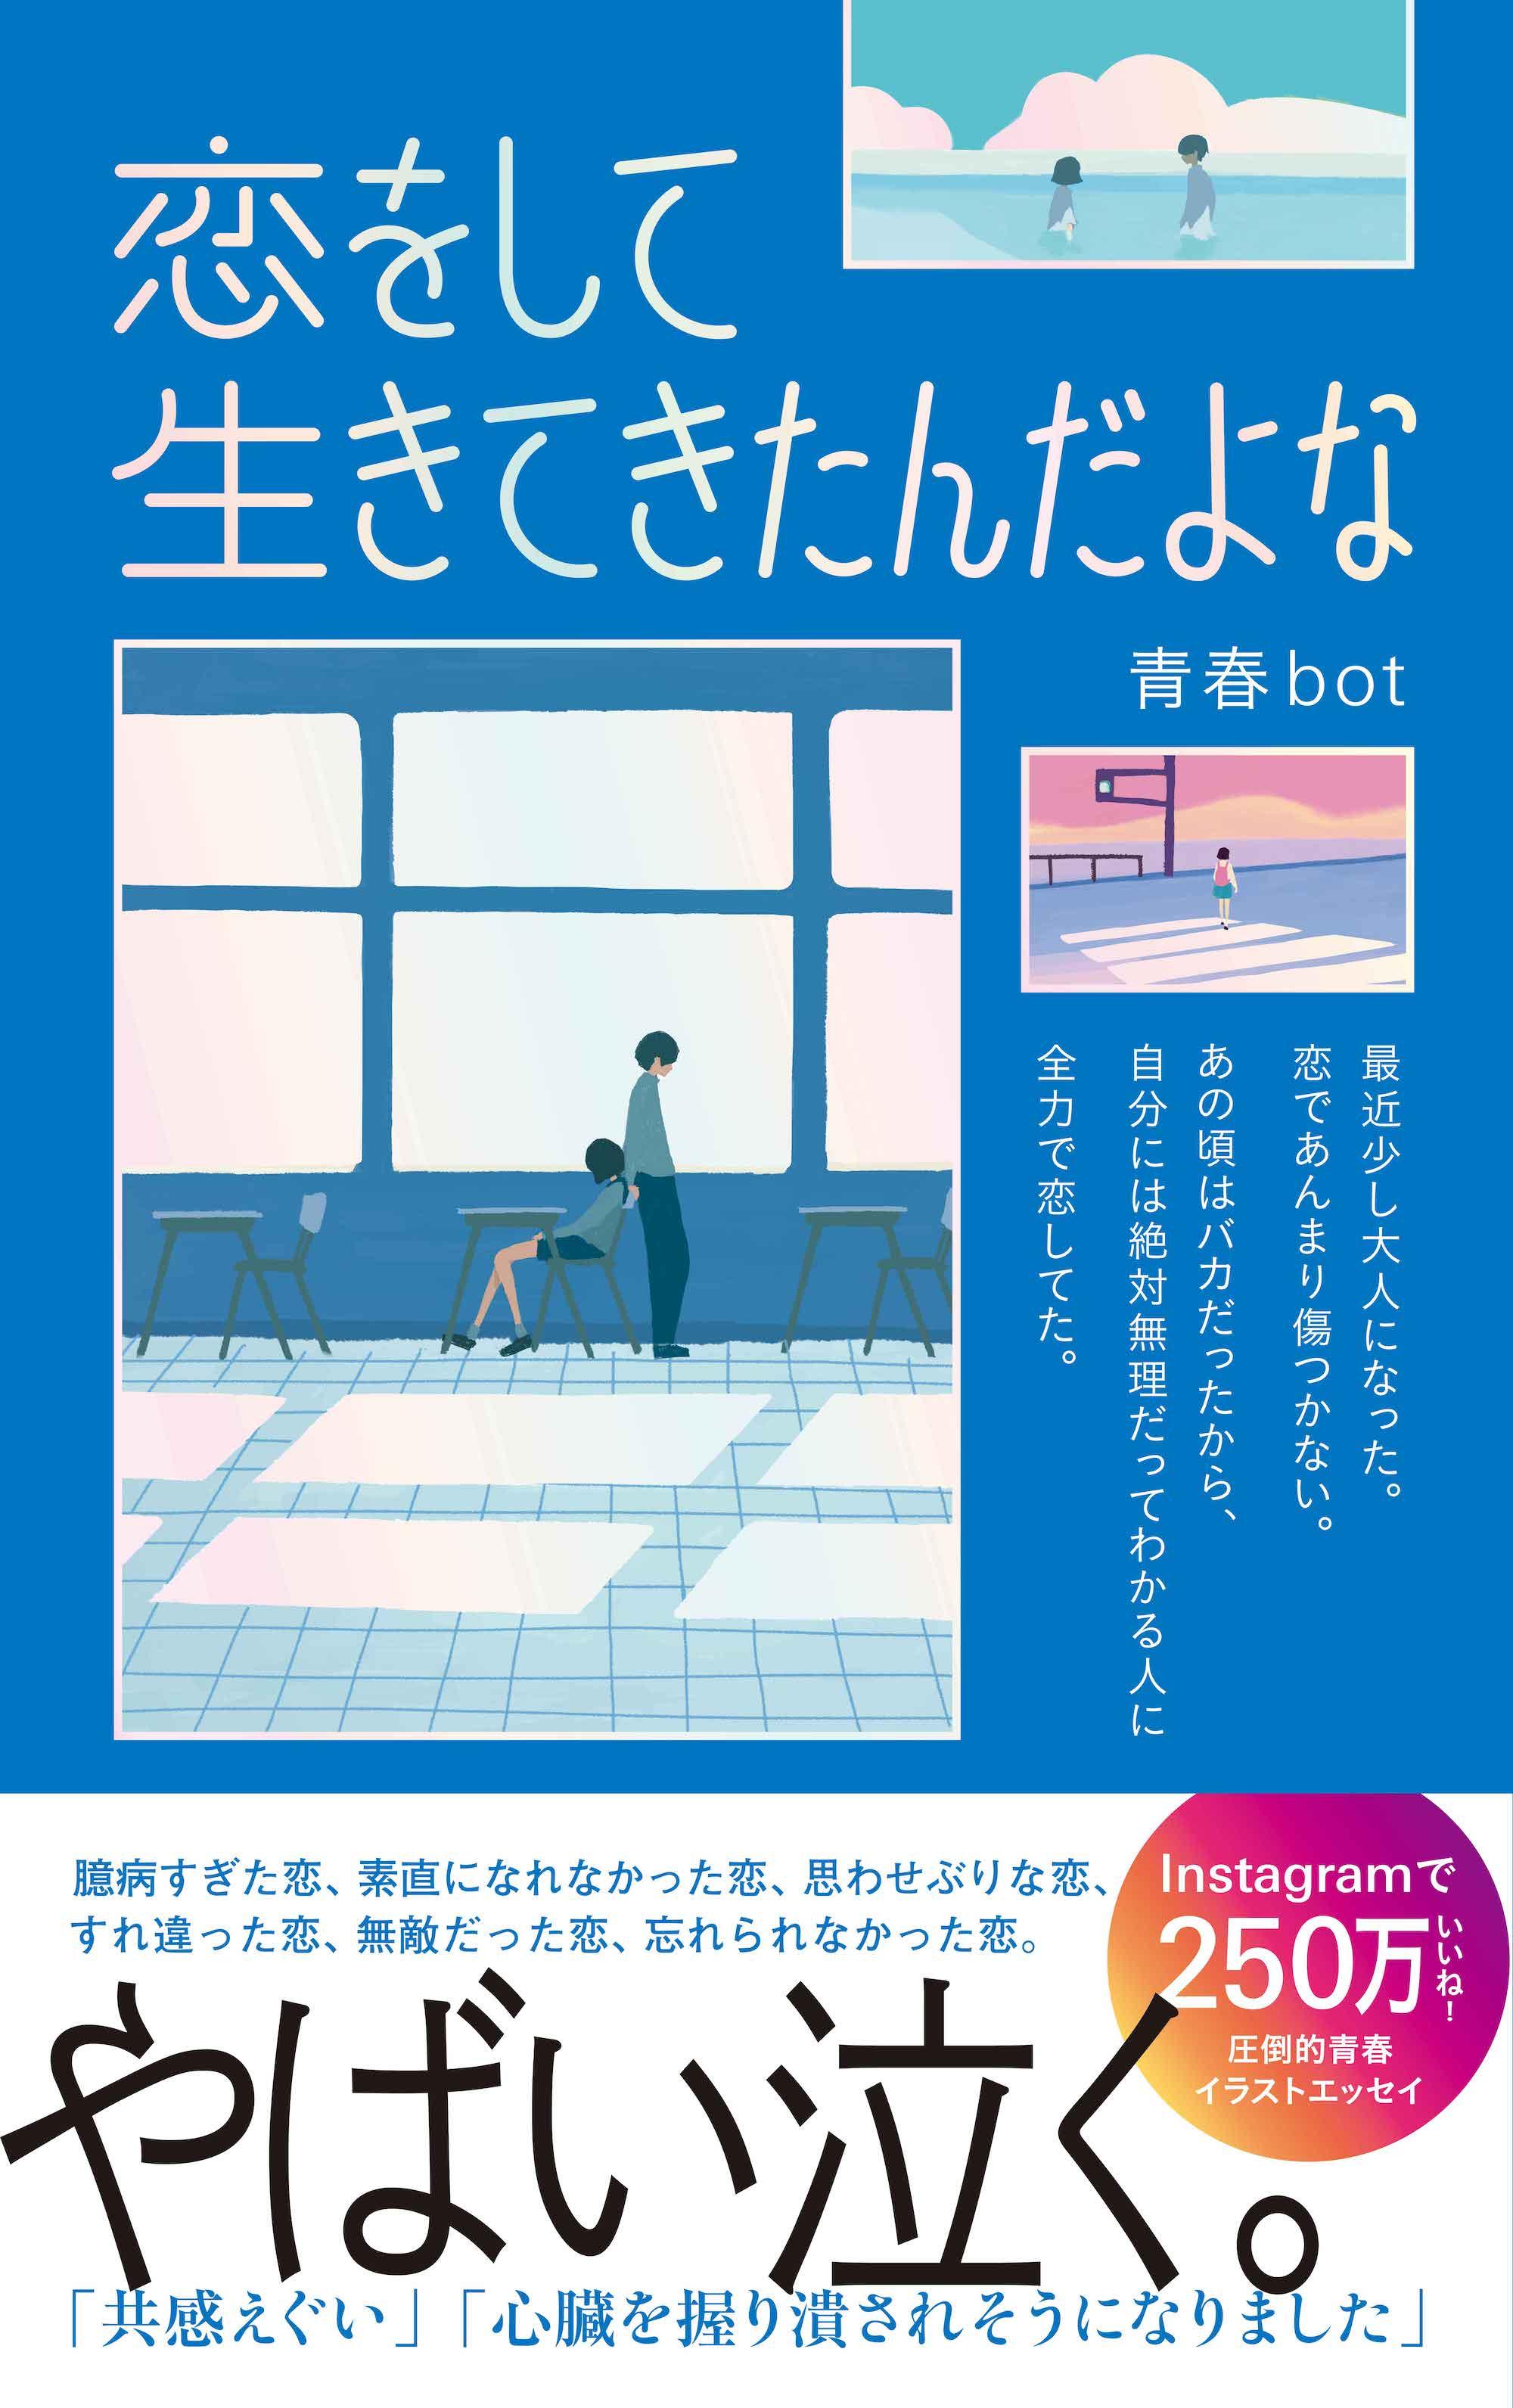 「新刊『恋をして生きてきたんだよな』(著 青春bot)ご予約開始のおしらせ」記事アイキャッチ画像